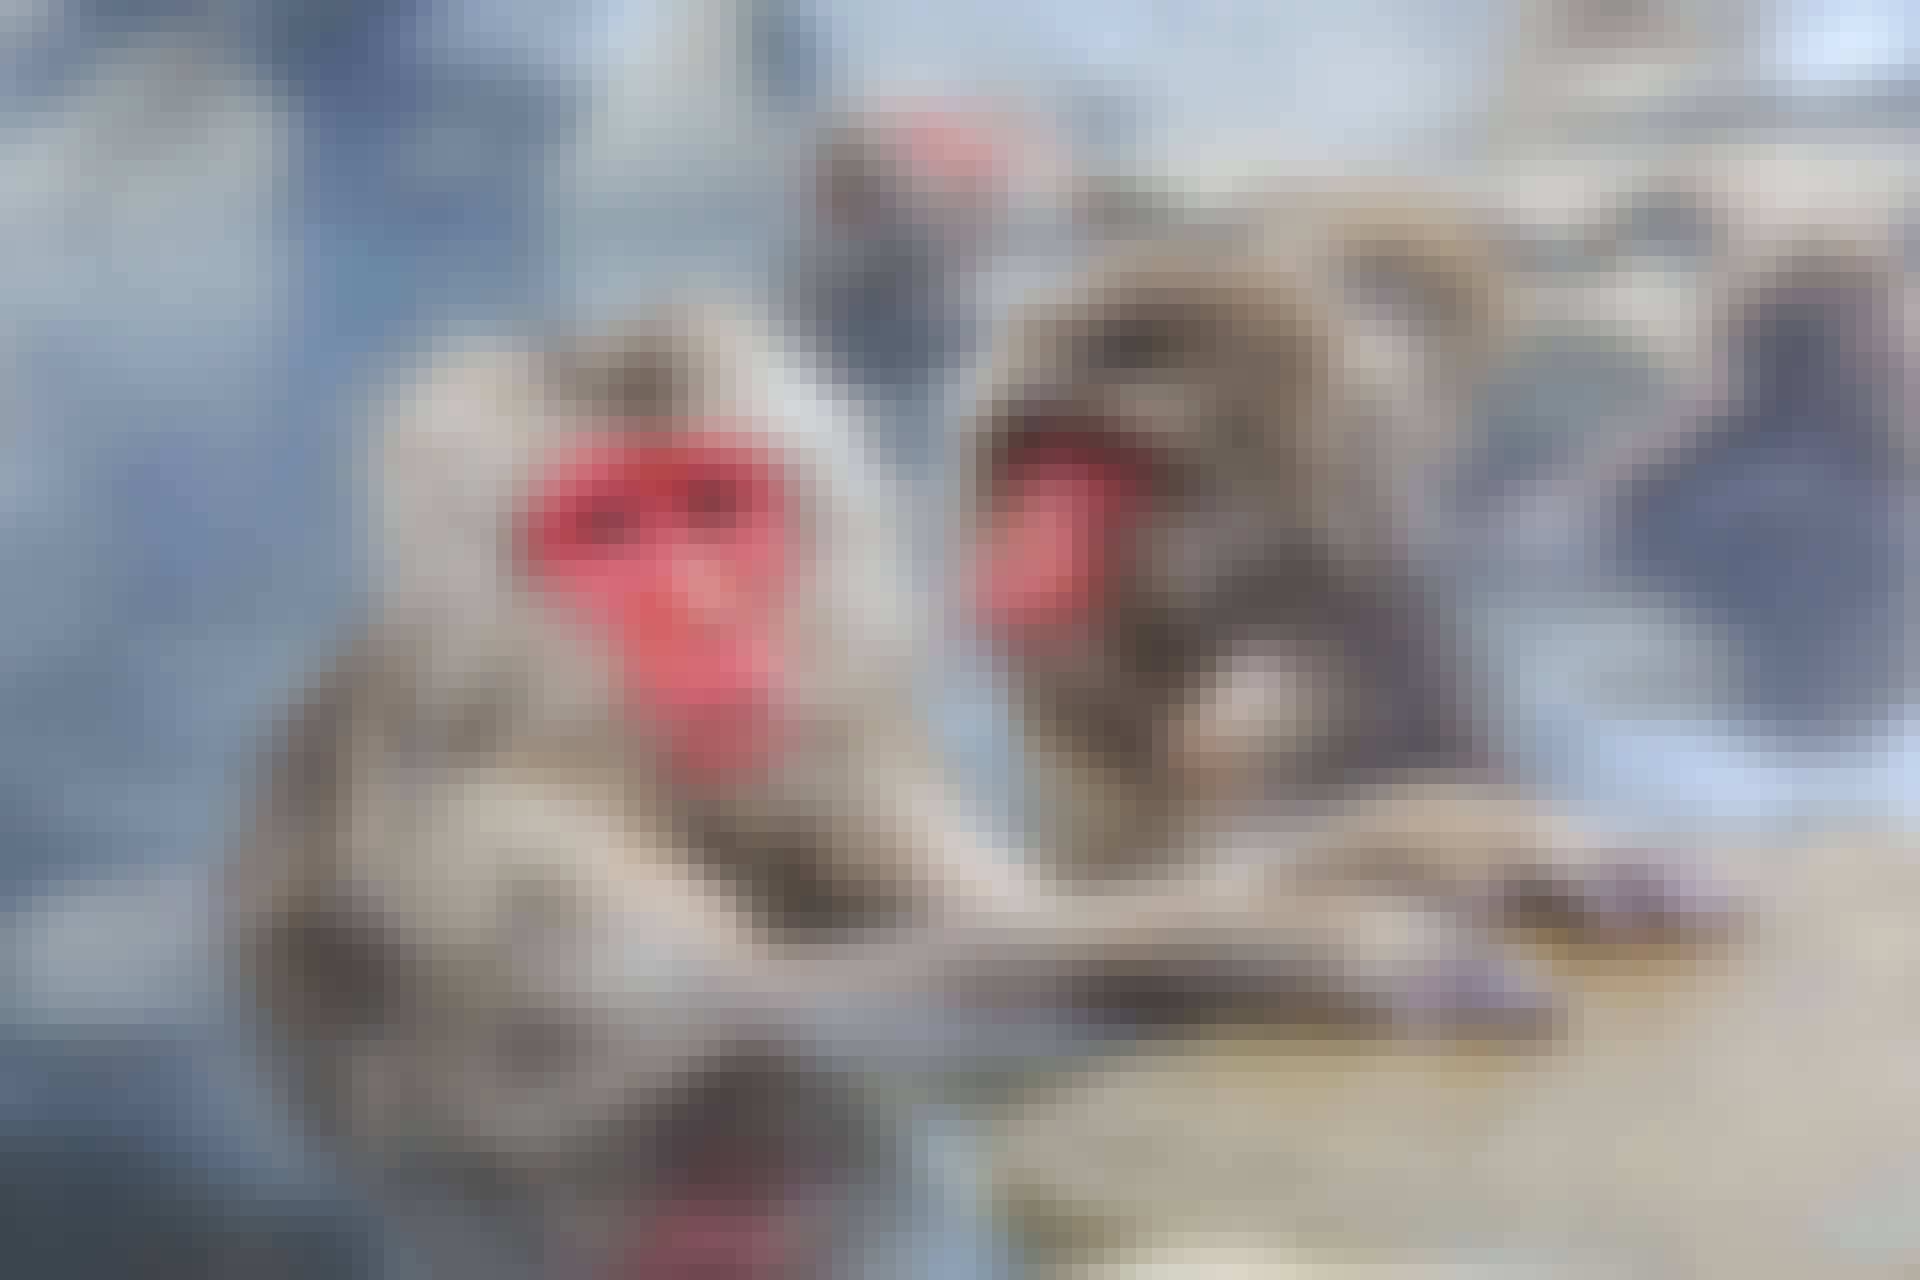 dyreriget topbillede